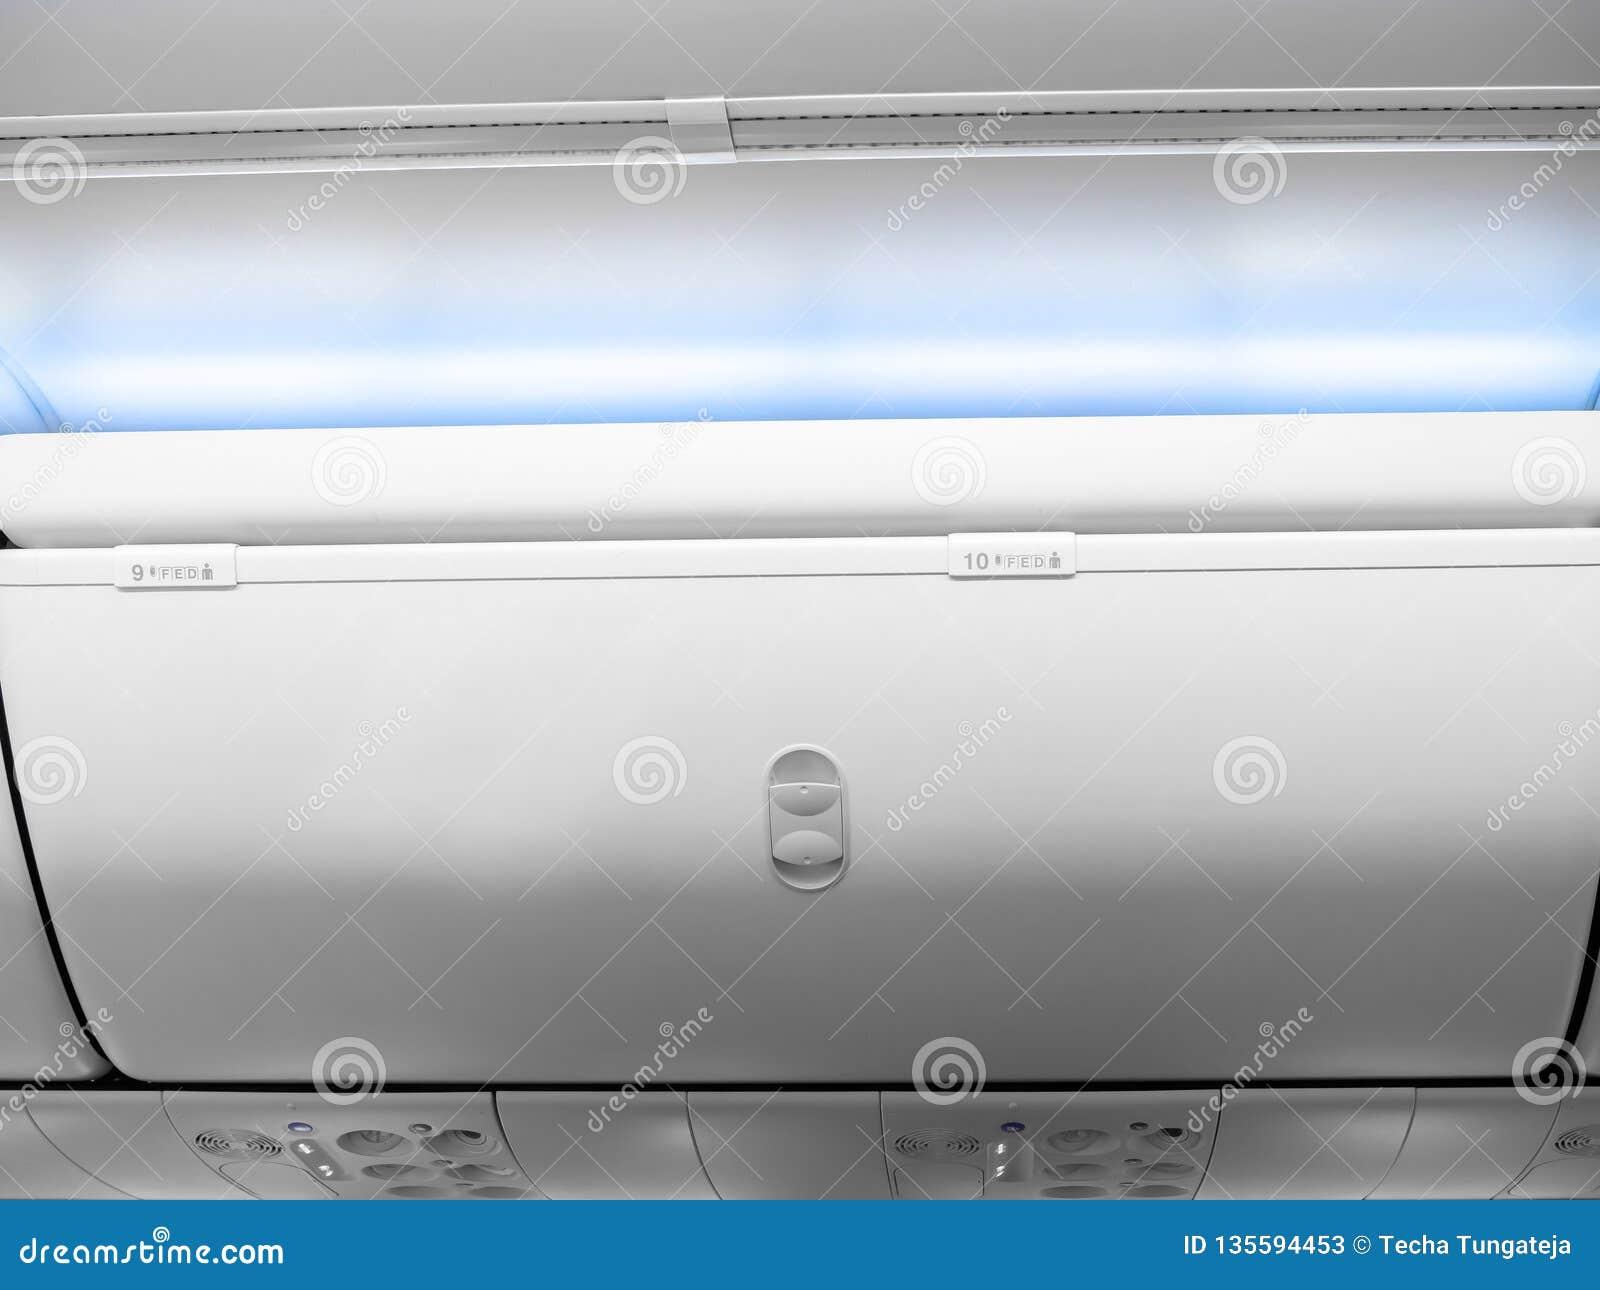 Consigne automatique blanche numéro 9 et 10 avec la lumière bleue dans la classe touriste de cabine dans l avion commercial